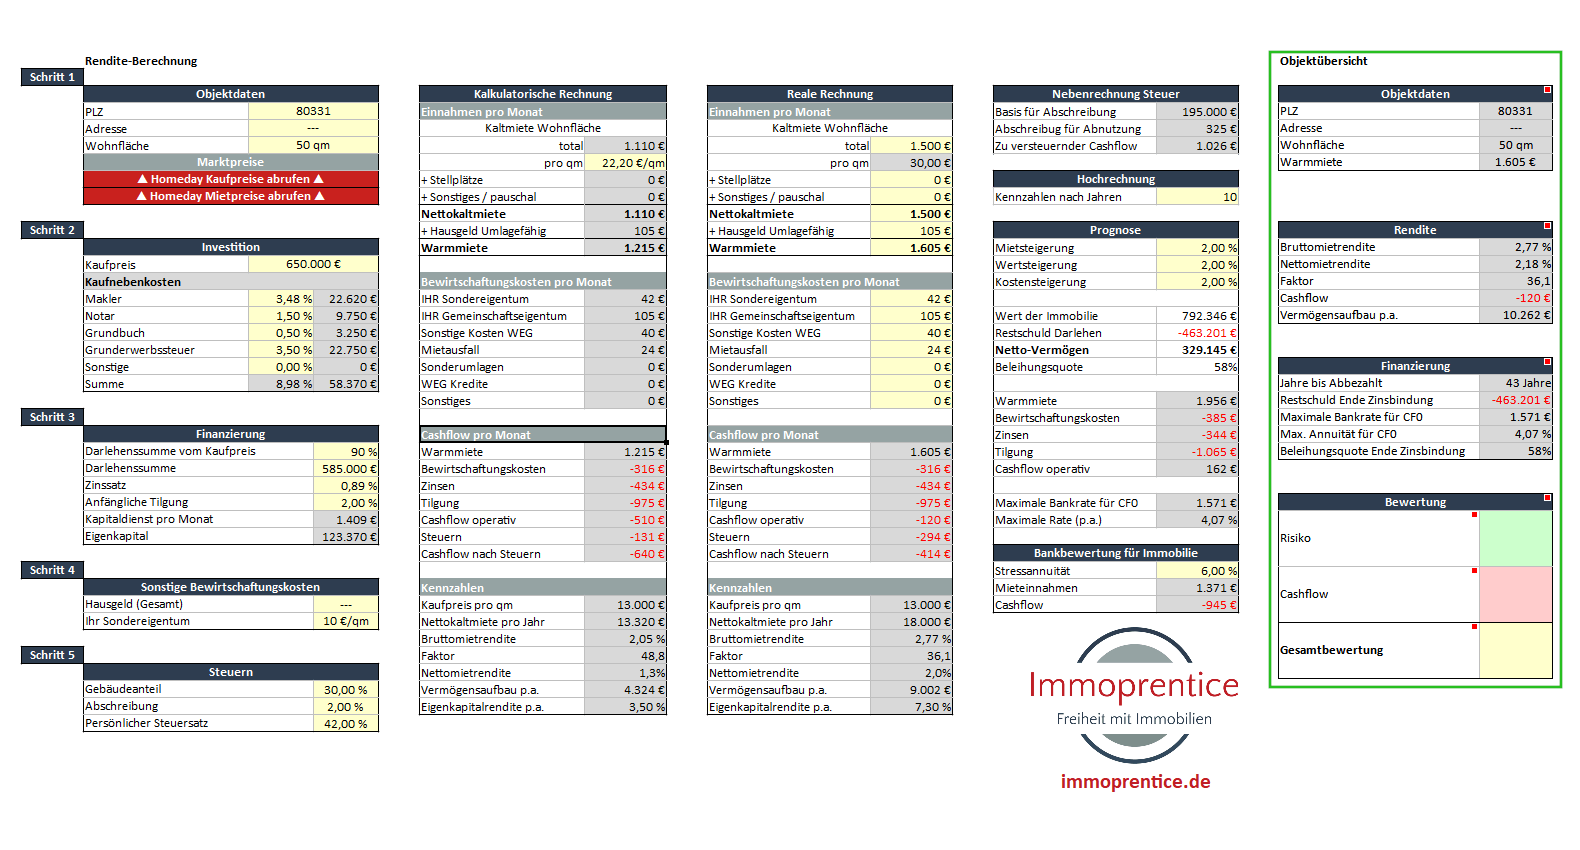 """Screenshot des Immoprentice Immobilien Kalkulationstool Excel in der Variante """"Premium"""". Nutze dieses Immobilien Kalkulationstool um deine Immobilie schnell und einfach in Excel durch zu rechnen."""